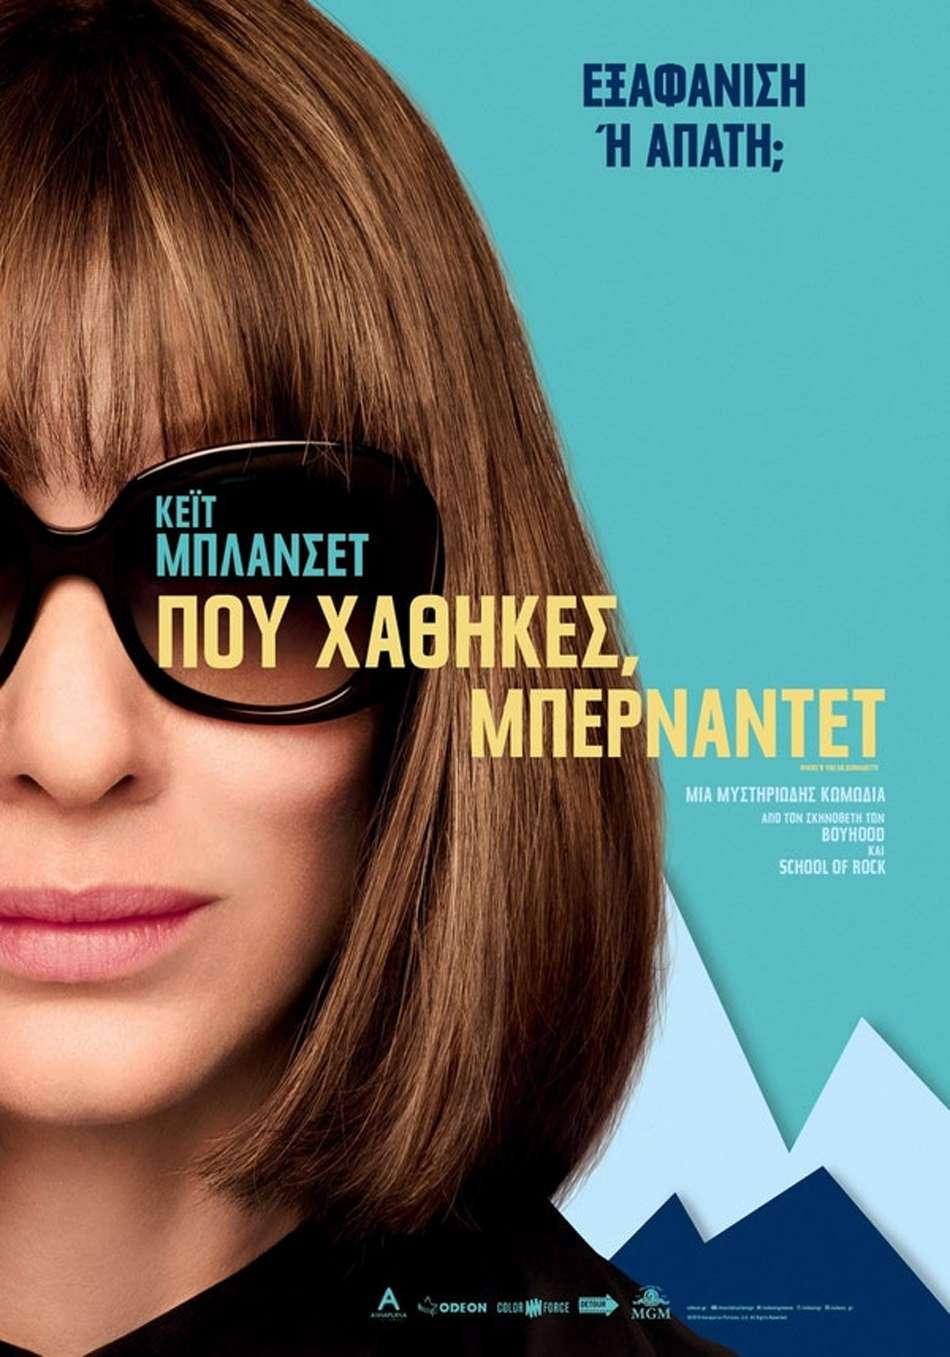 Πού Χάθηκες, Μπερναντέτ (Where You'd Go, Bernadette) - Trailer / Τρέιλερ Poster